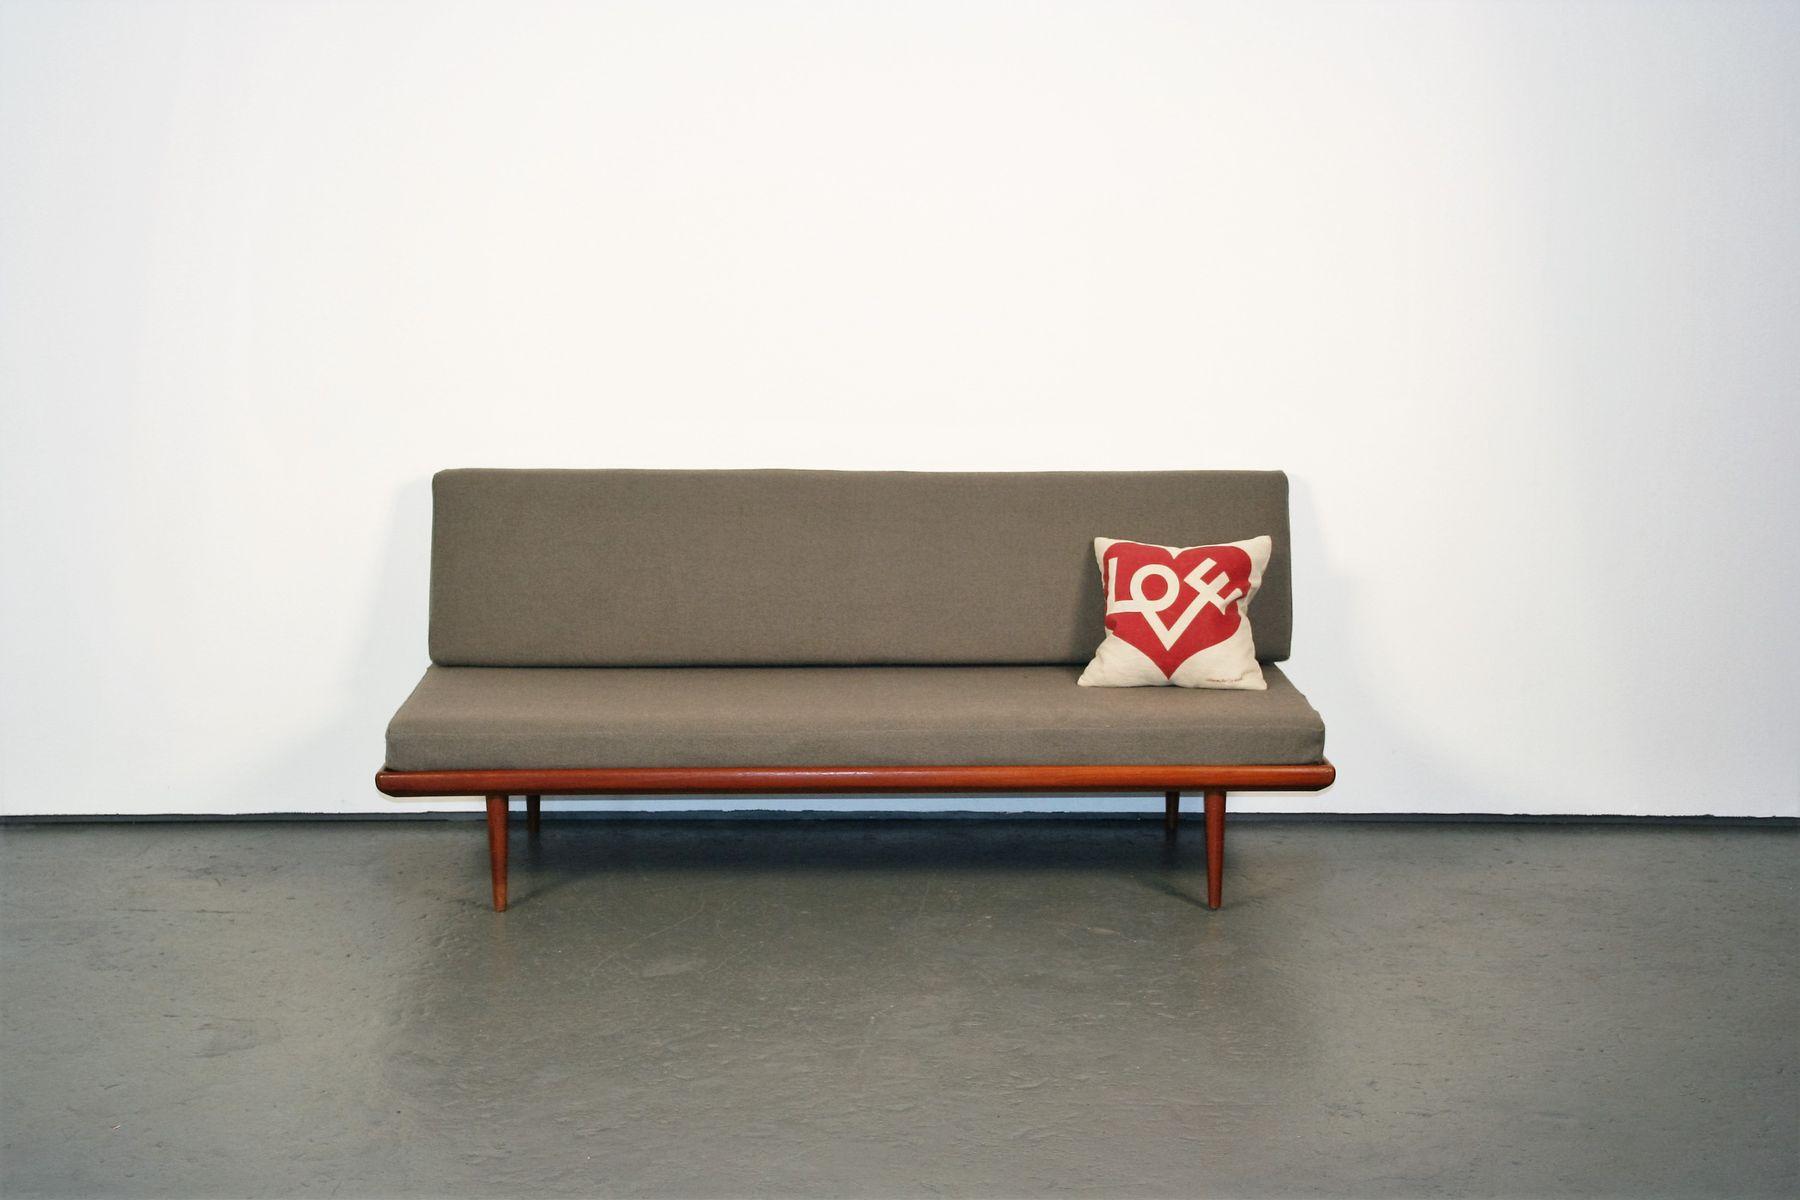 minerva daybed sofa in teak by peter hvidt orla mlgaard nielsen for france sn - Daybed Sofa